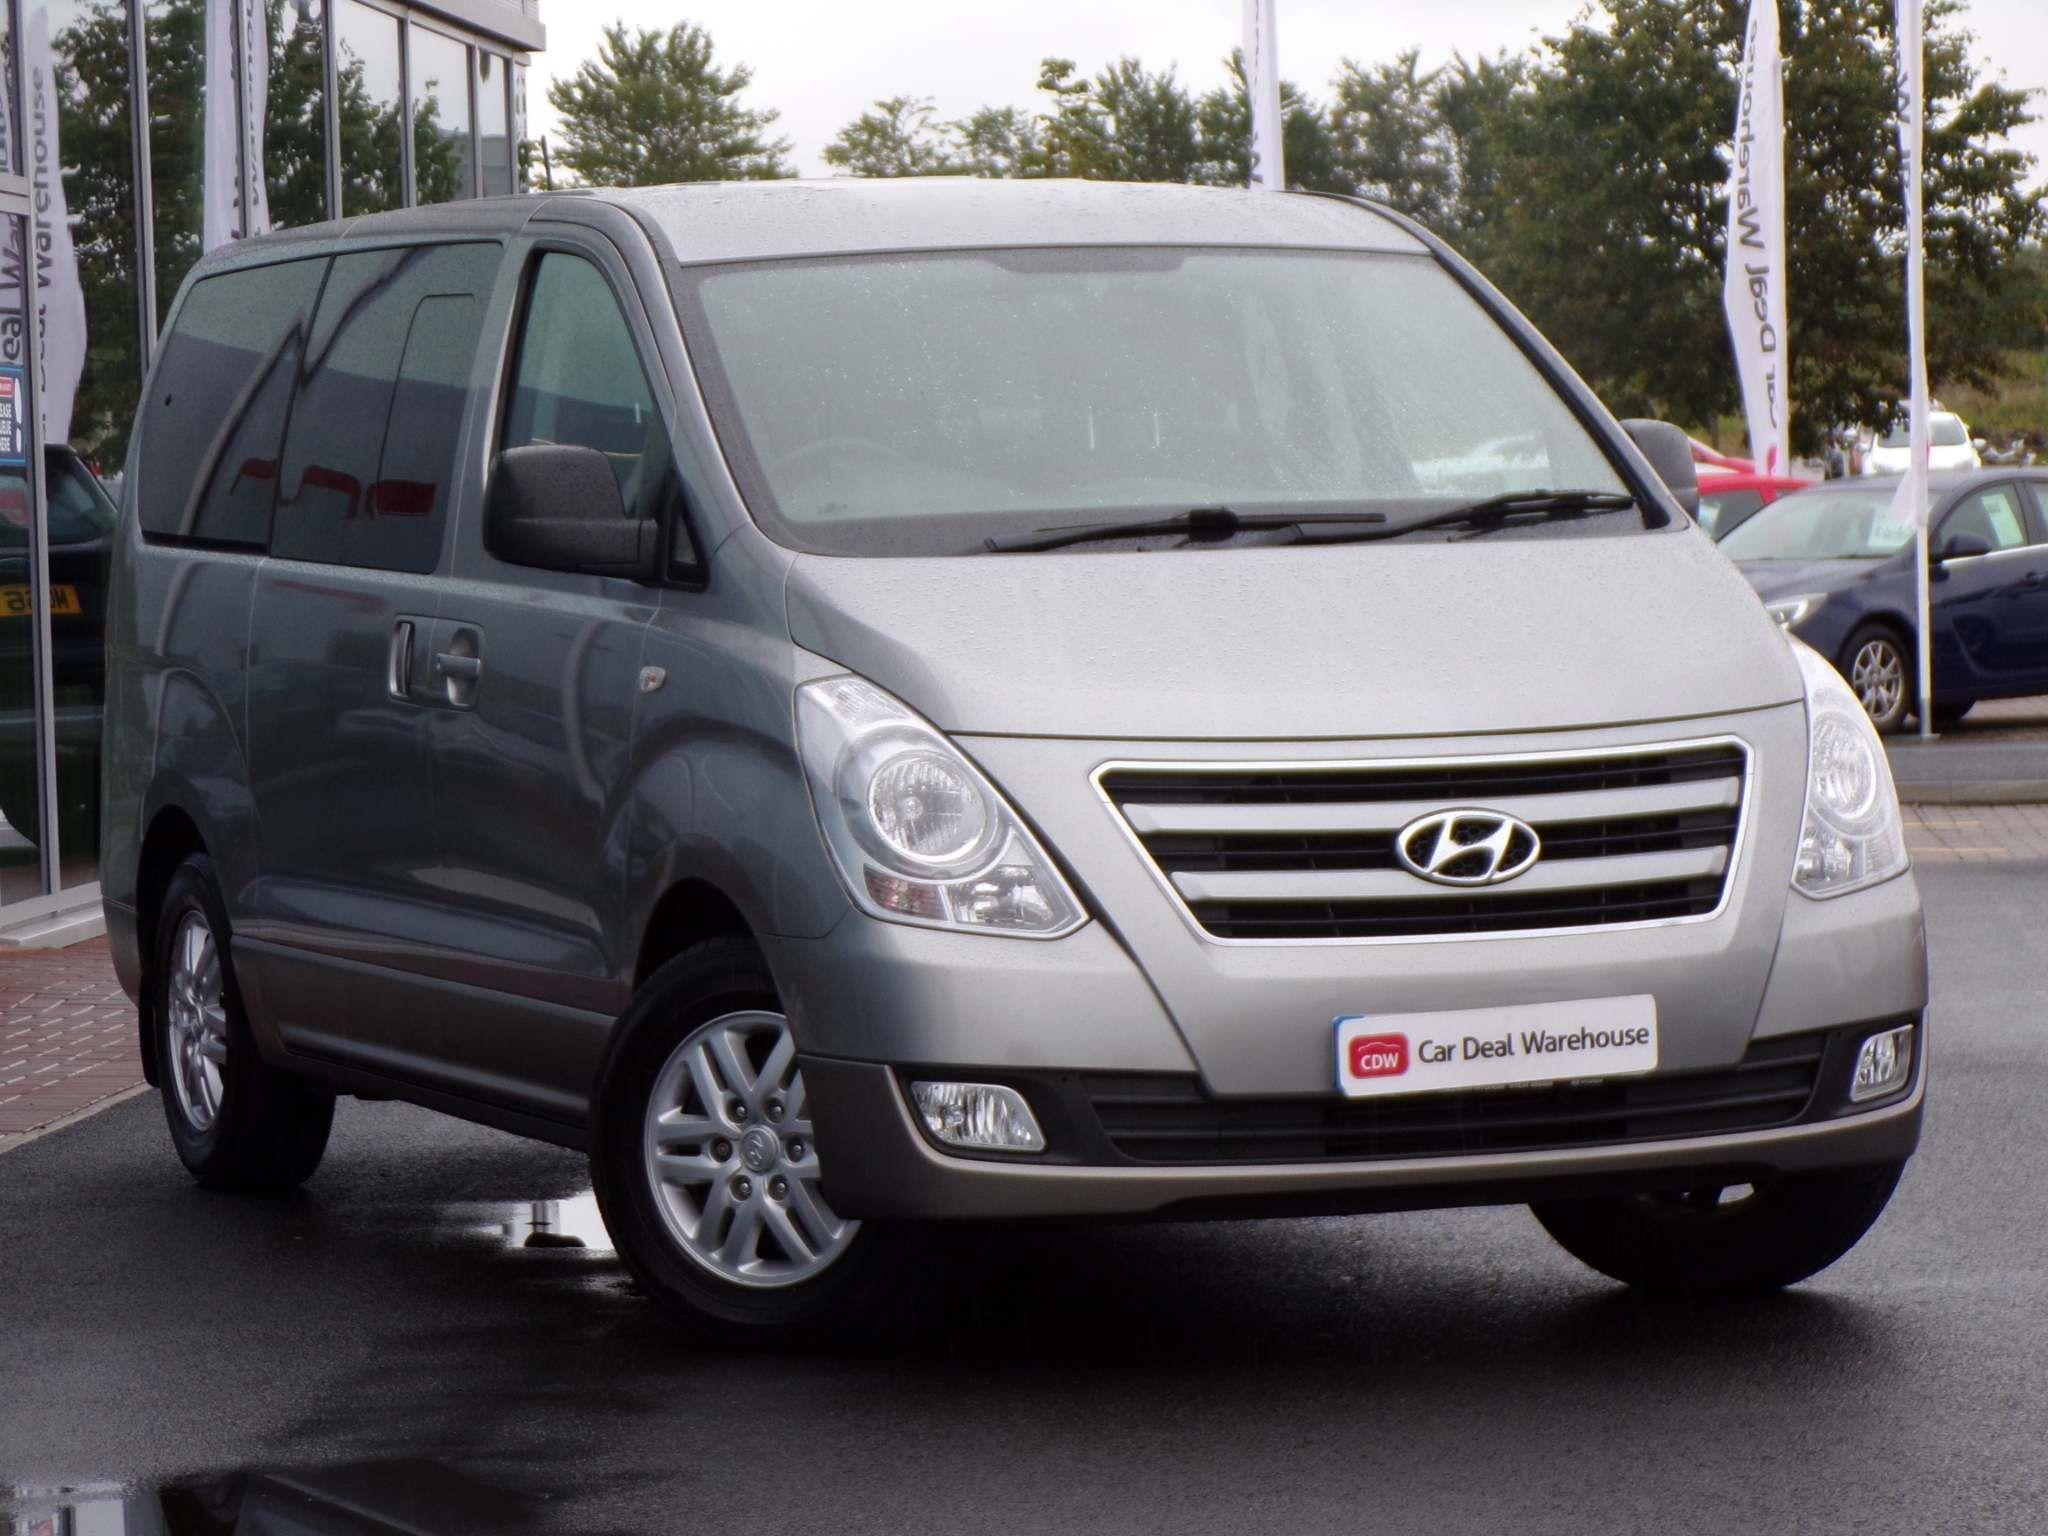 Hyundai i800 for sale